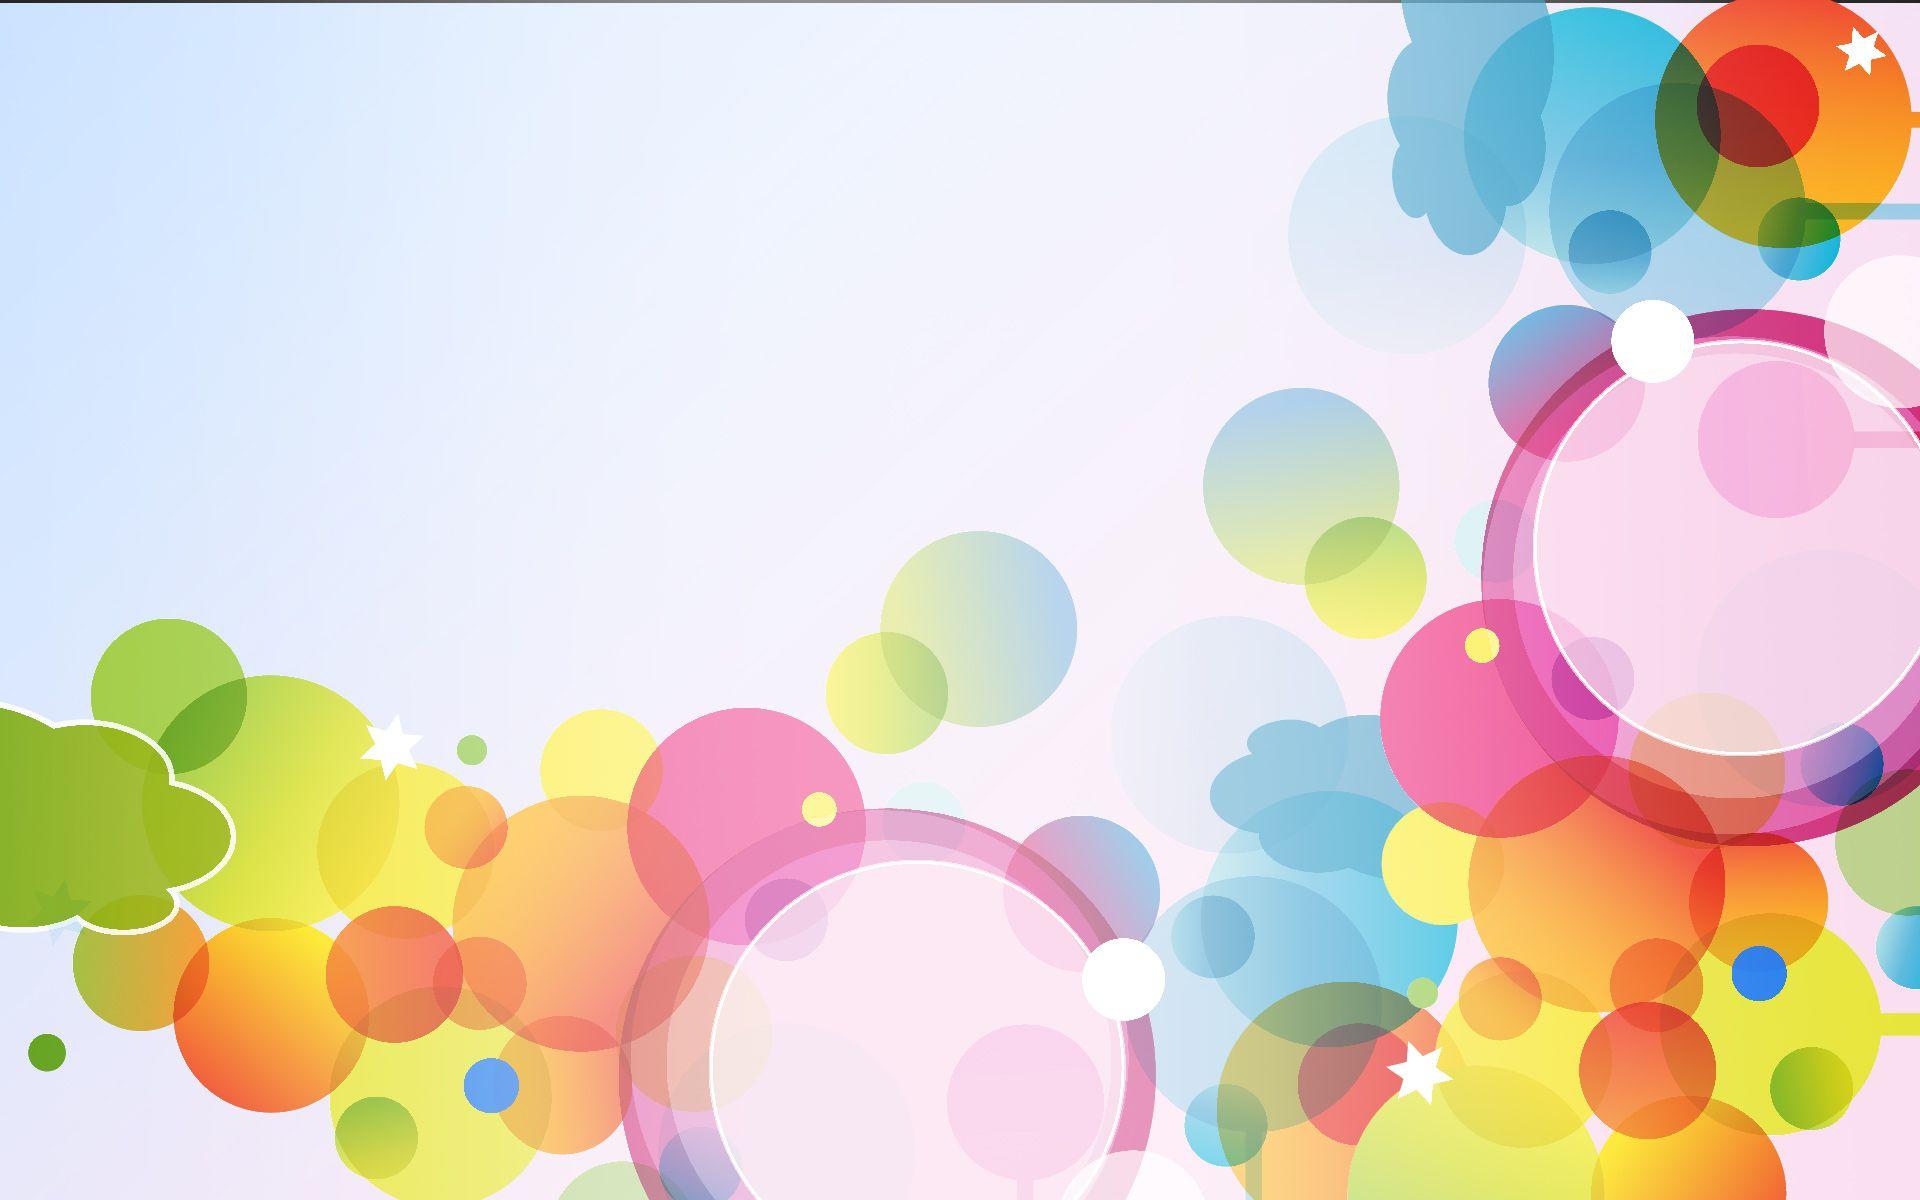 texturas fondos con globos - Buscar con Google